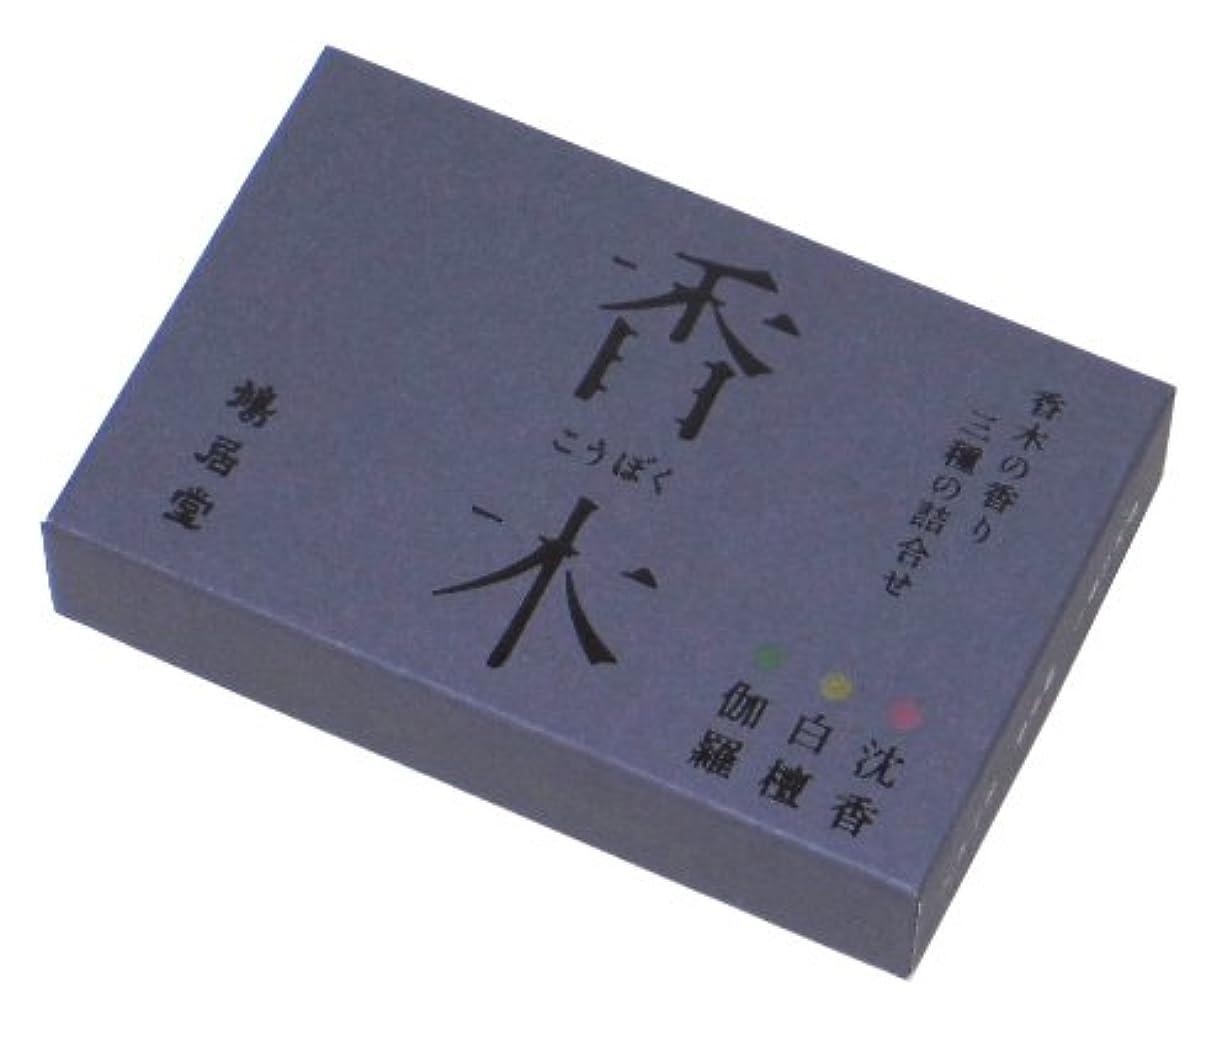 パック小道具偏心鳩居堂のお香 香木の香り3種セット 3種類各10本入 6cm 香立入